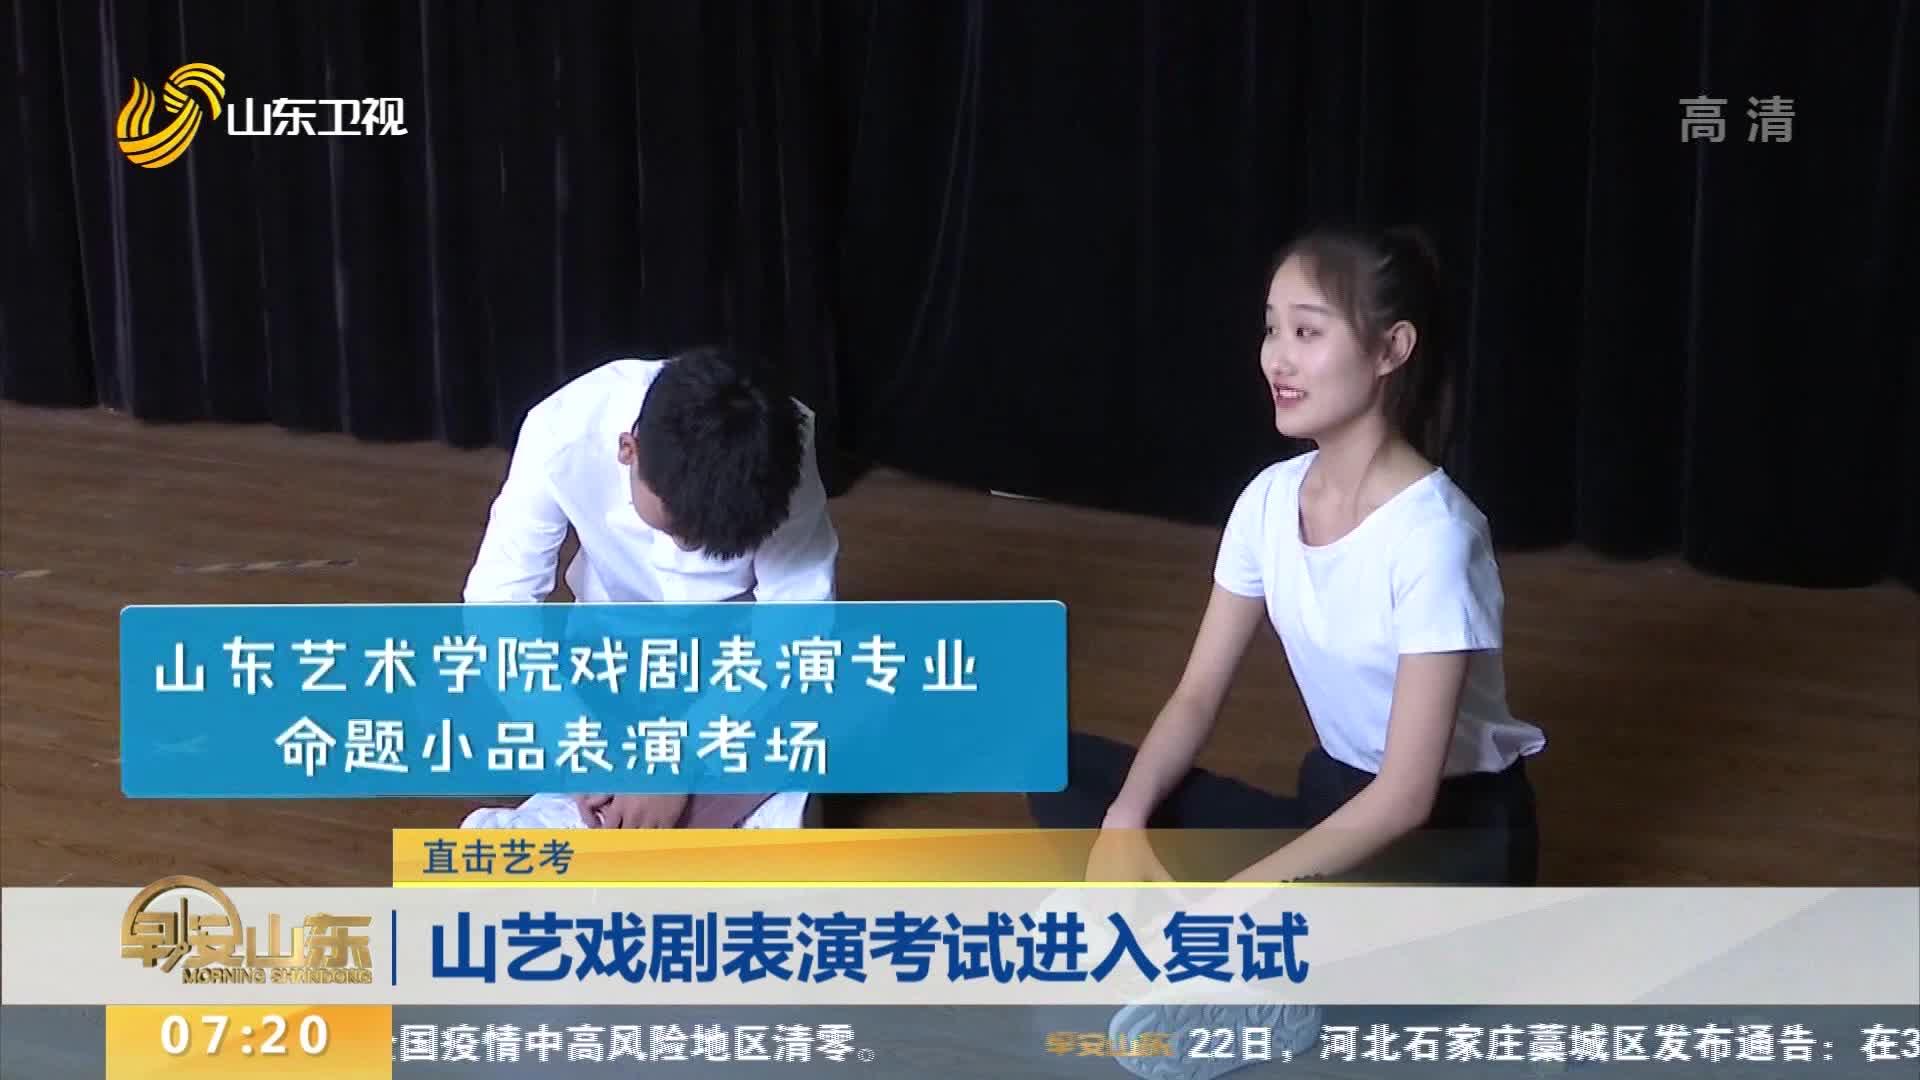 【直击艺考】山艺戏剧表演考试进入复试